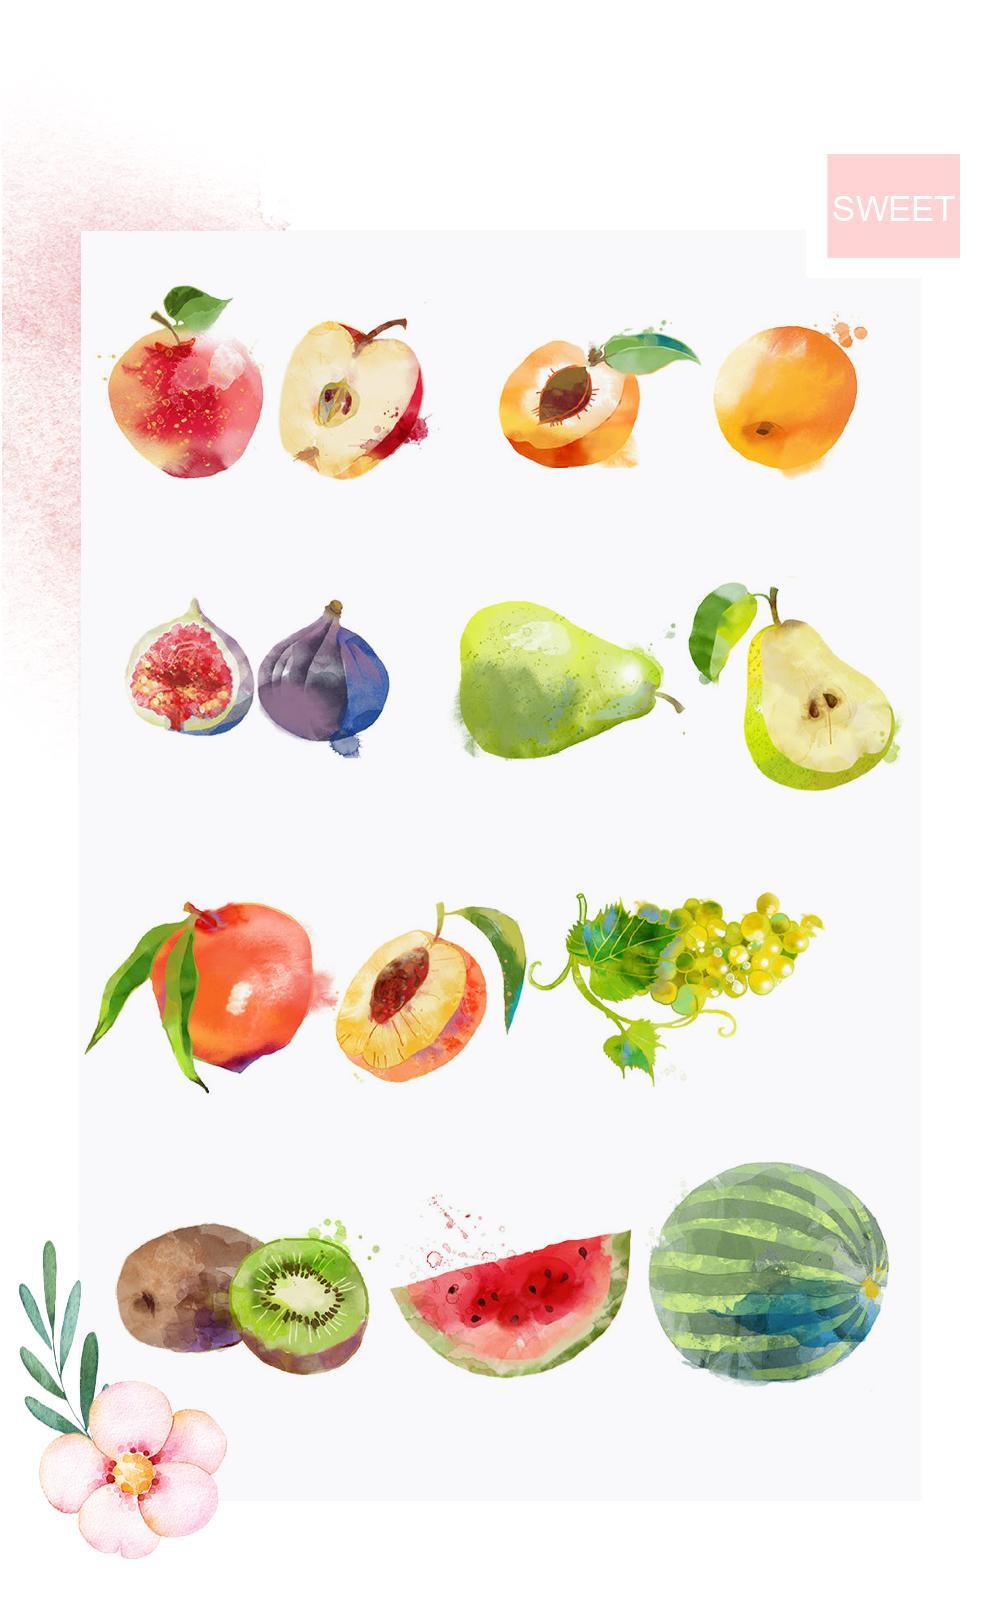 #超實用#愛注意⚠️這些水果千萬母湯這樣吃!